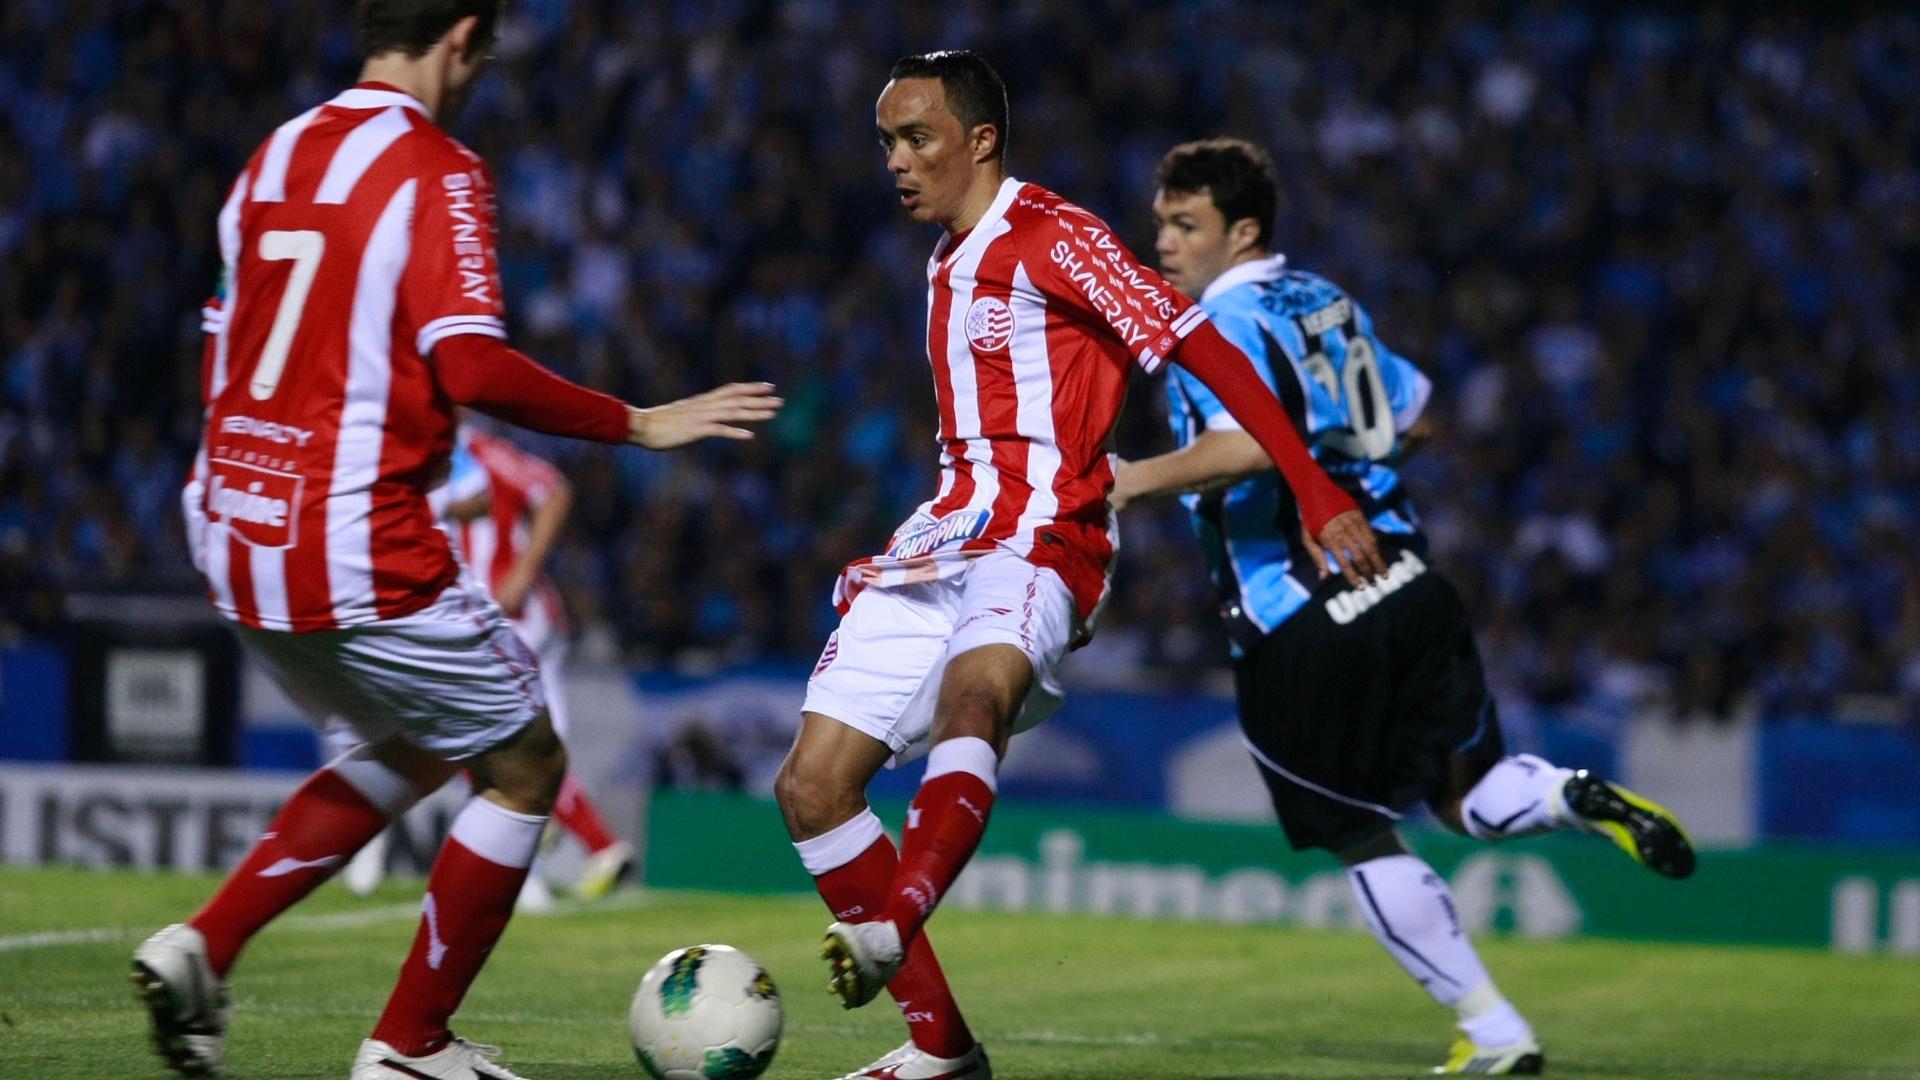 Lateral Lúcio do Náutico na partida contra o Grêmio no estádio Olímpico pelo Brasileiro (13/09/2012)